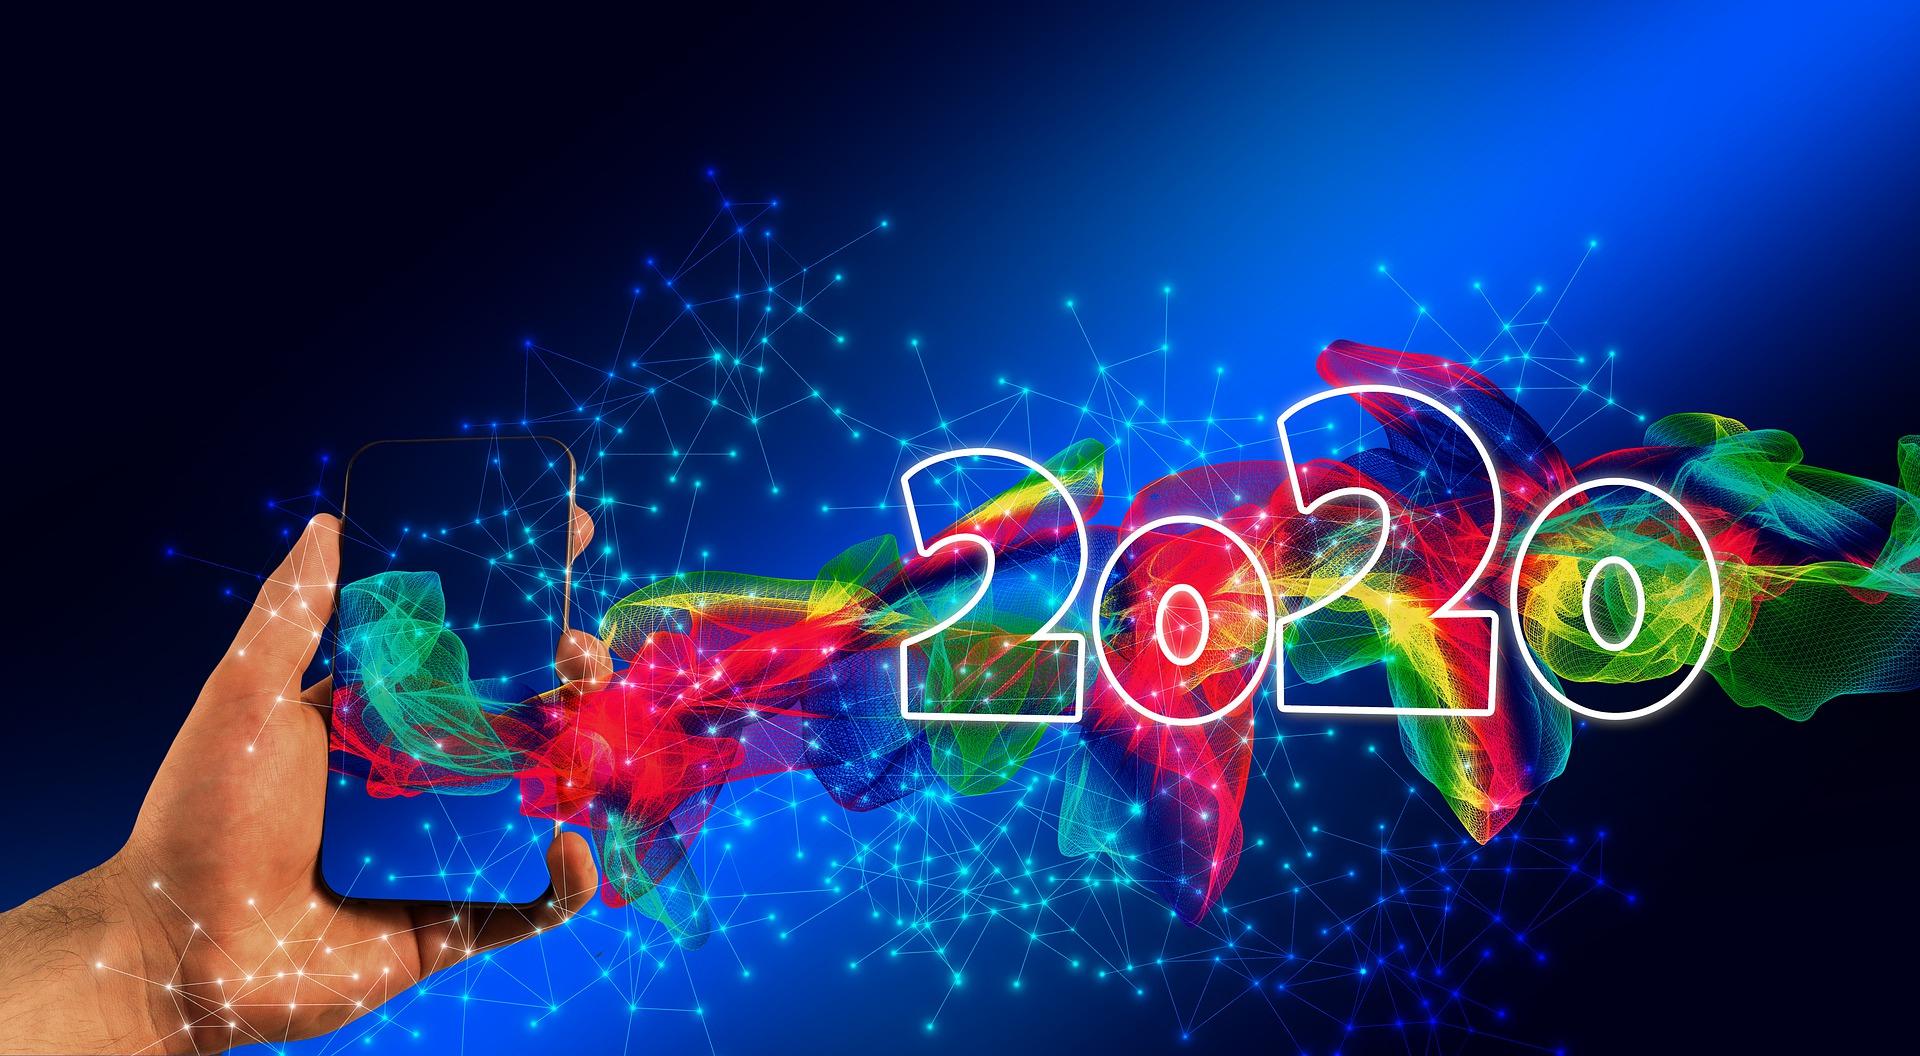 Что предложат разработчики мобильных приложений в 2020 году